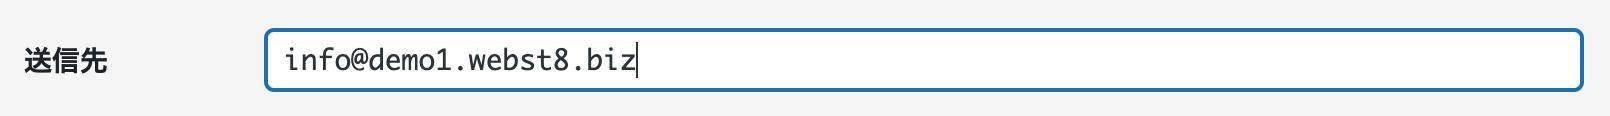 (1)送信先メール設定 変更